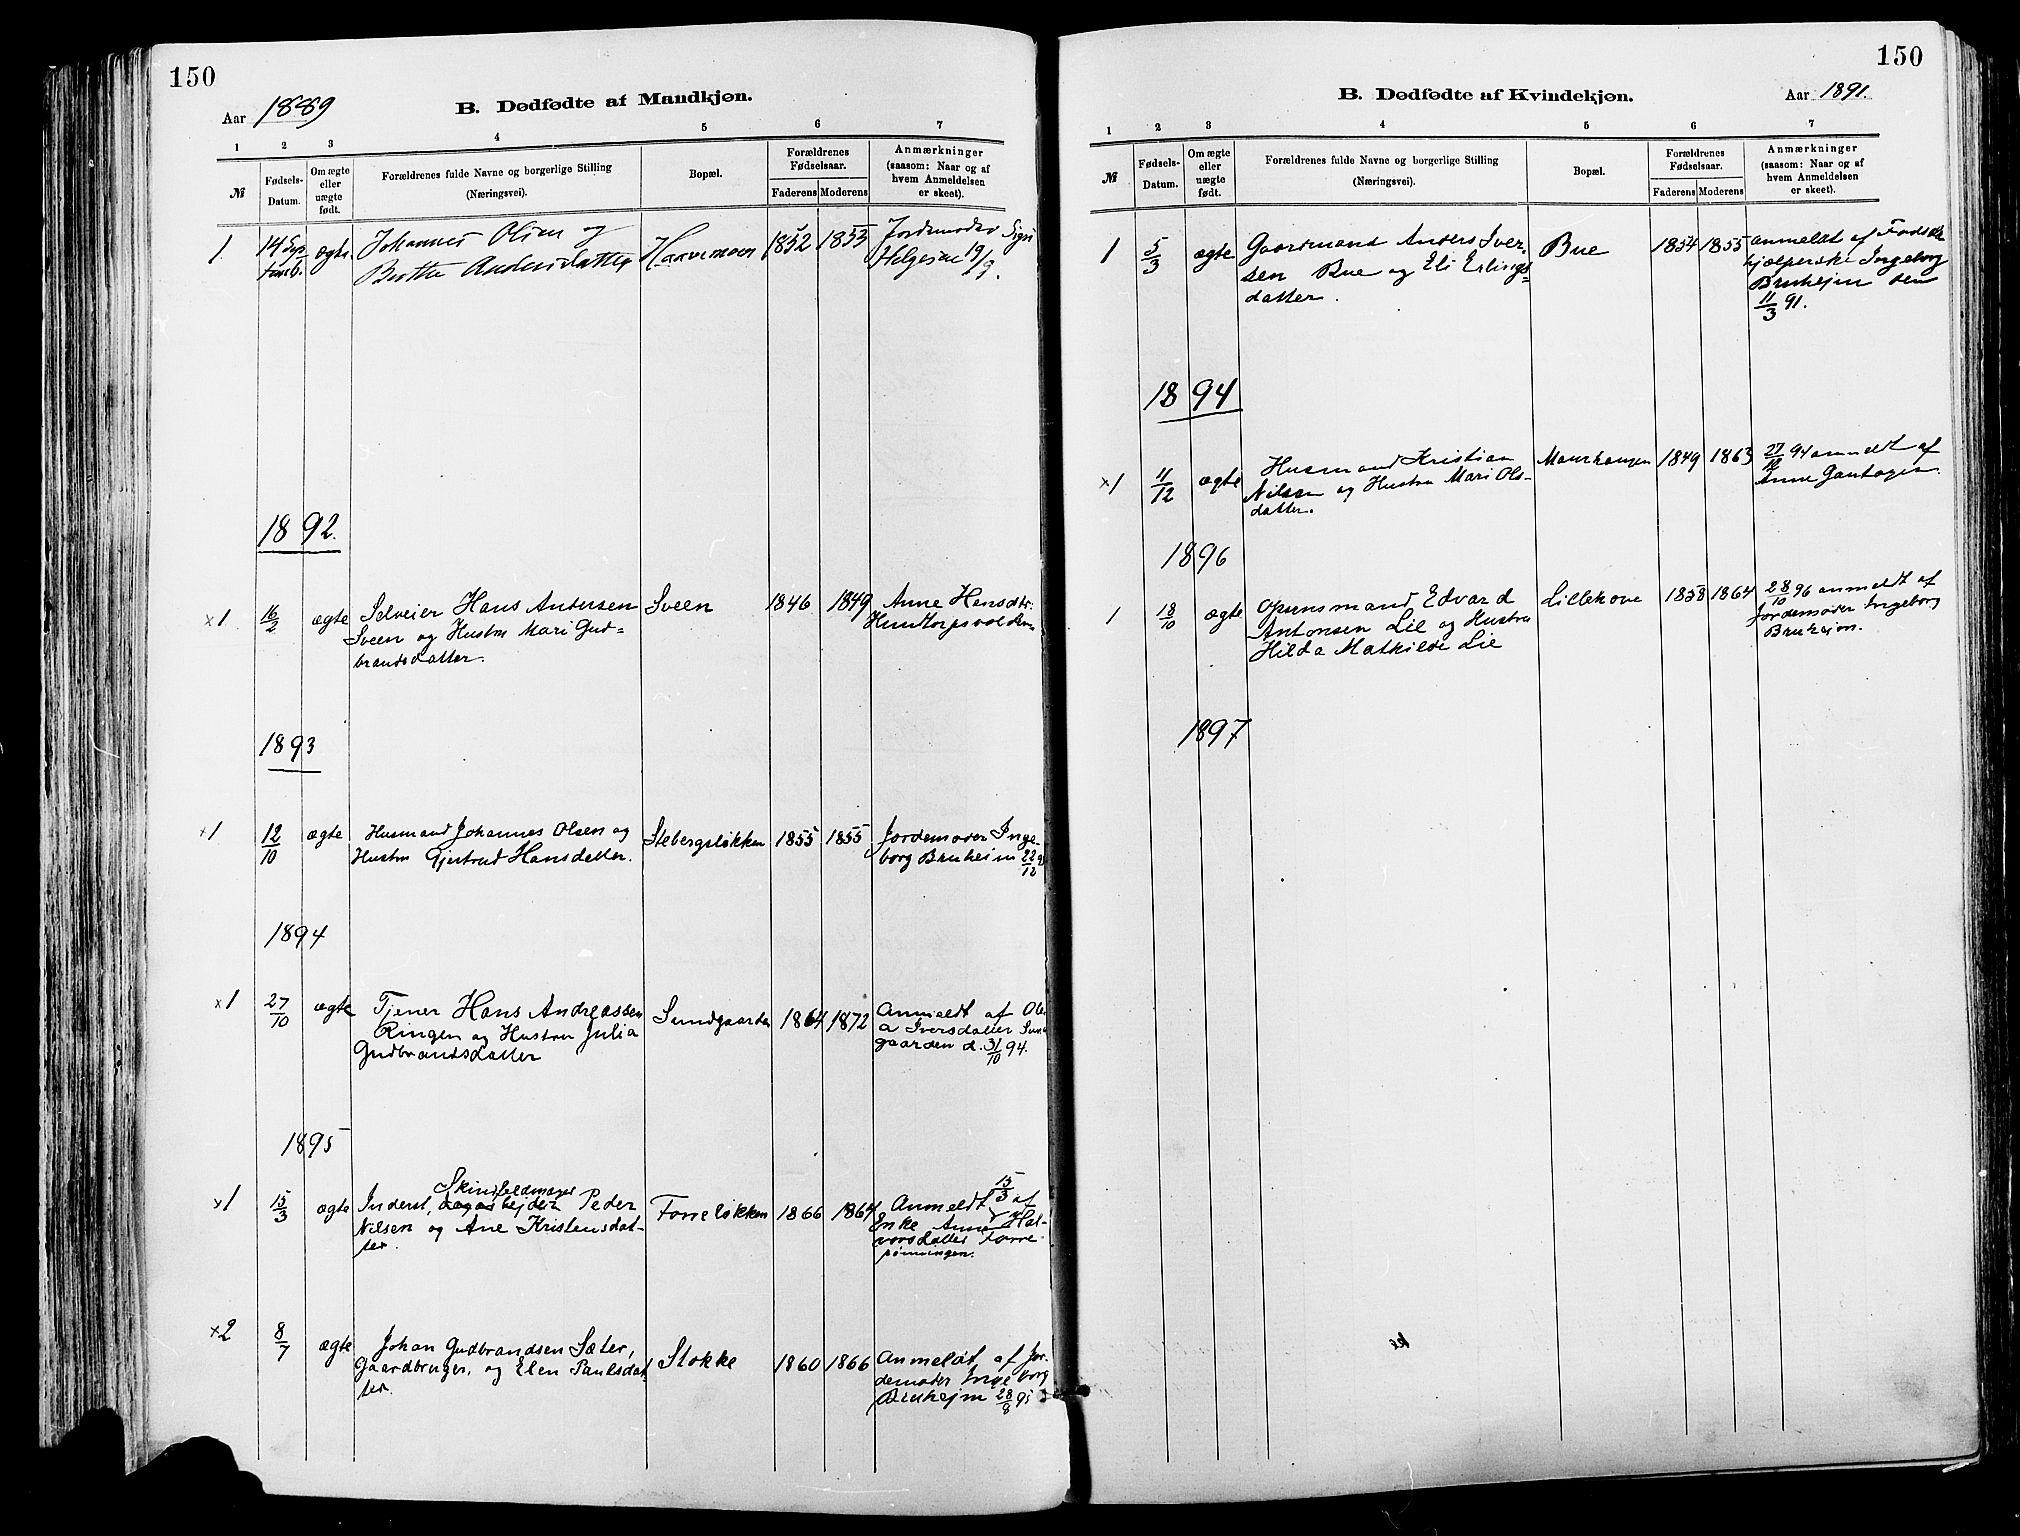 SAH, Sør-Fron prestekontor, H/Ha/Haa/L0003: Ministerialbok nr. 3, 1881-1897, s. 150